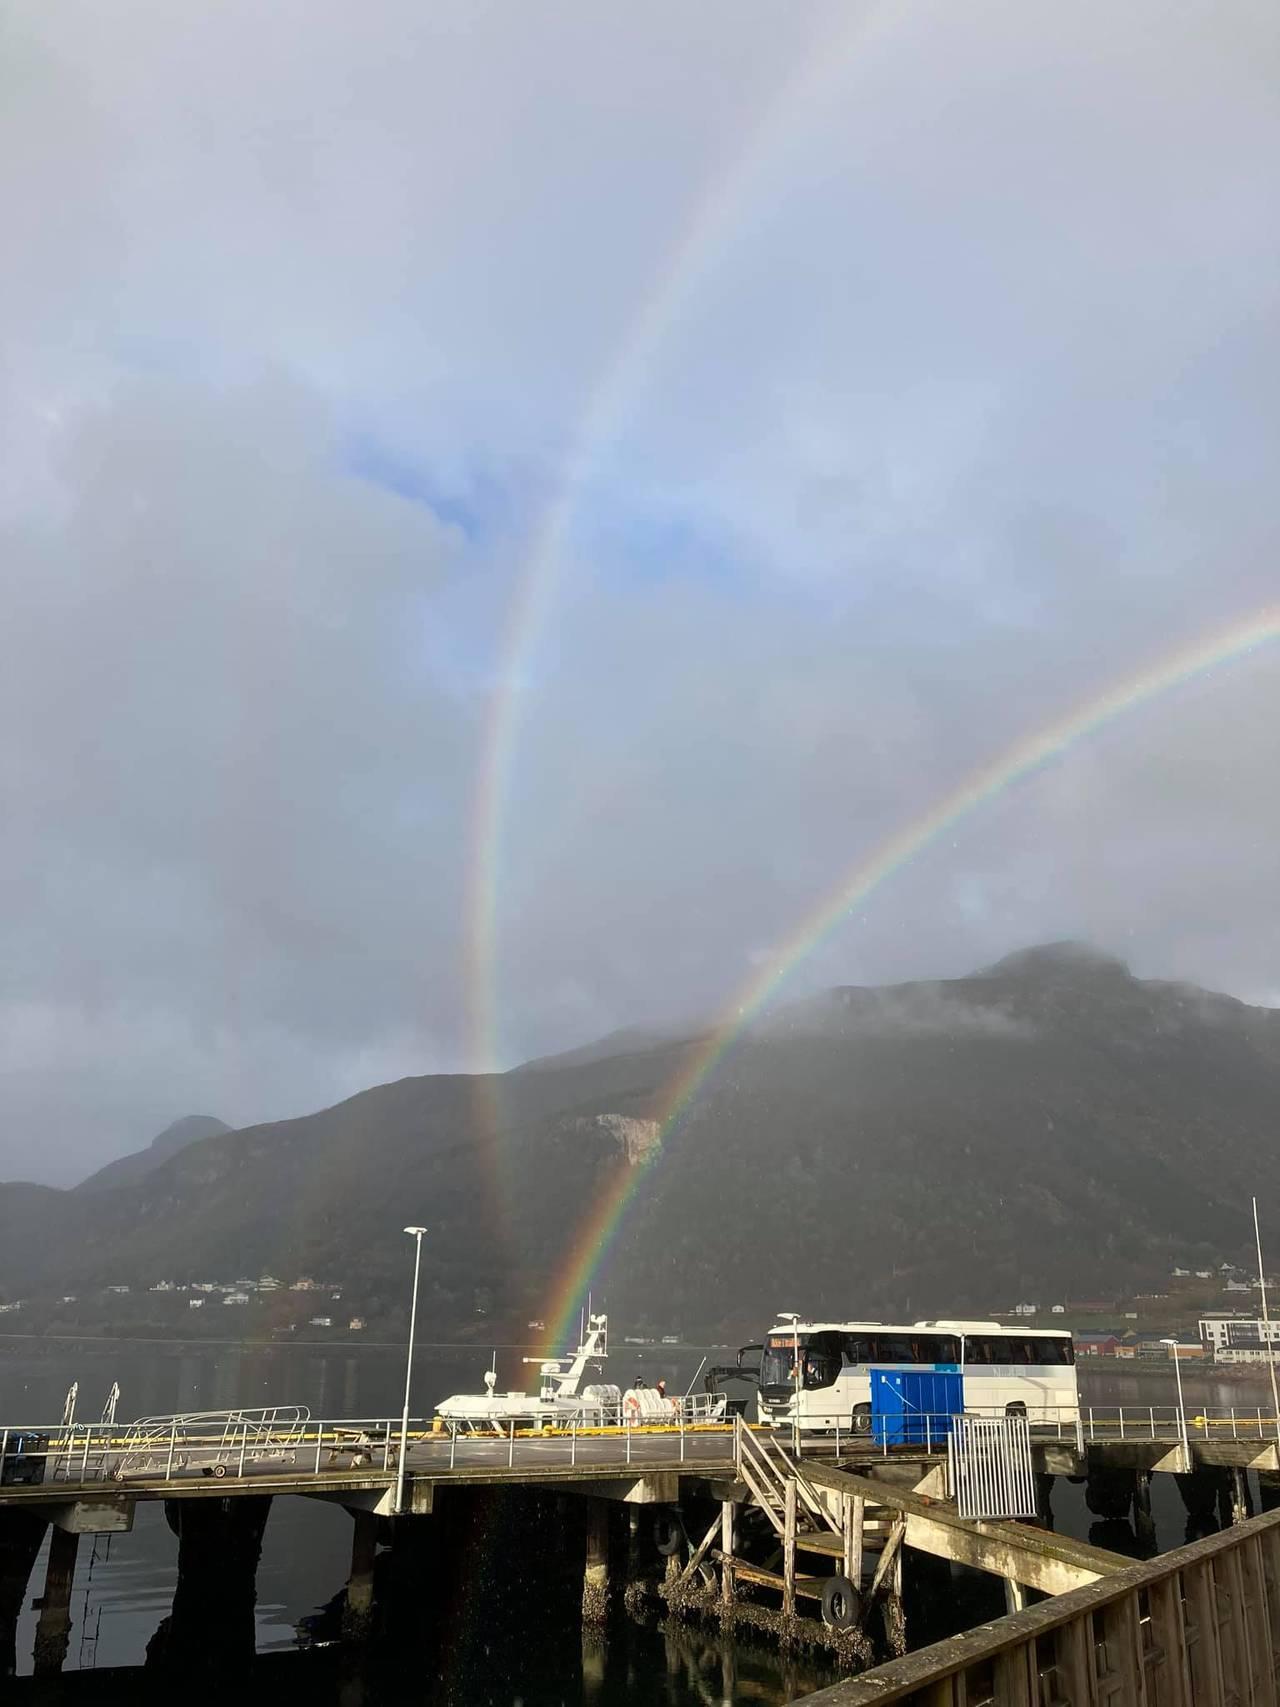 Kryssende regnbuer sett på Ørnes